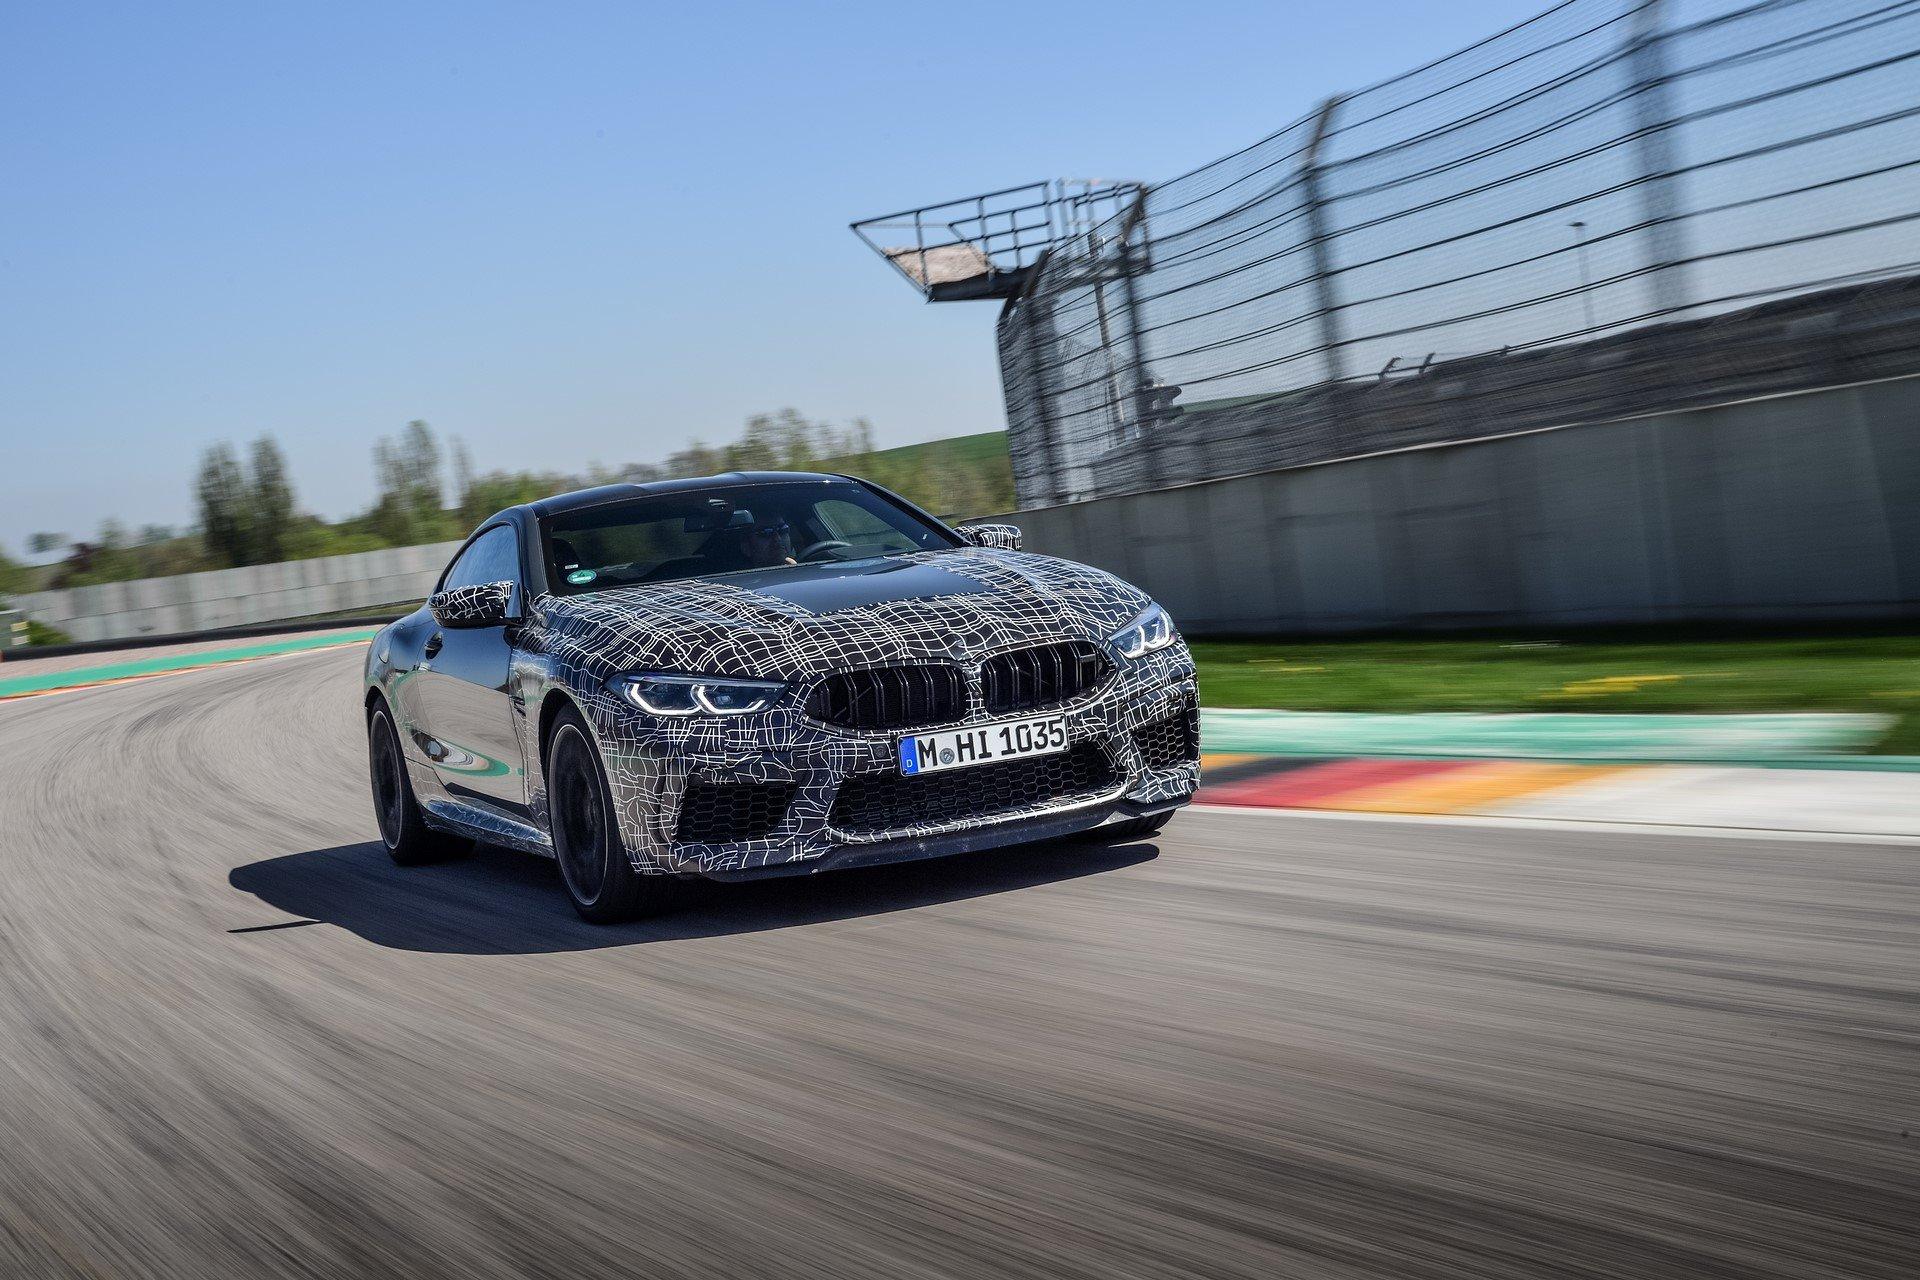 BMW-M8-spy-photos-29